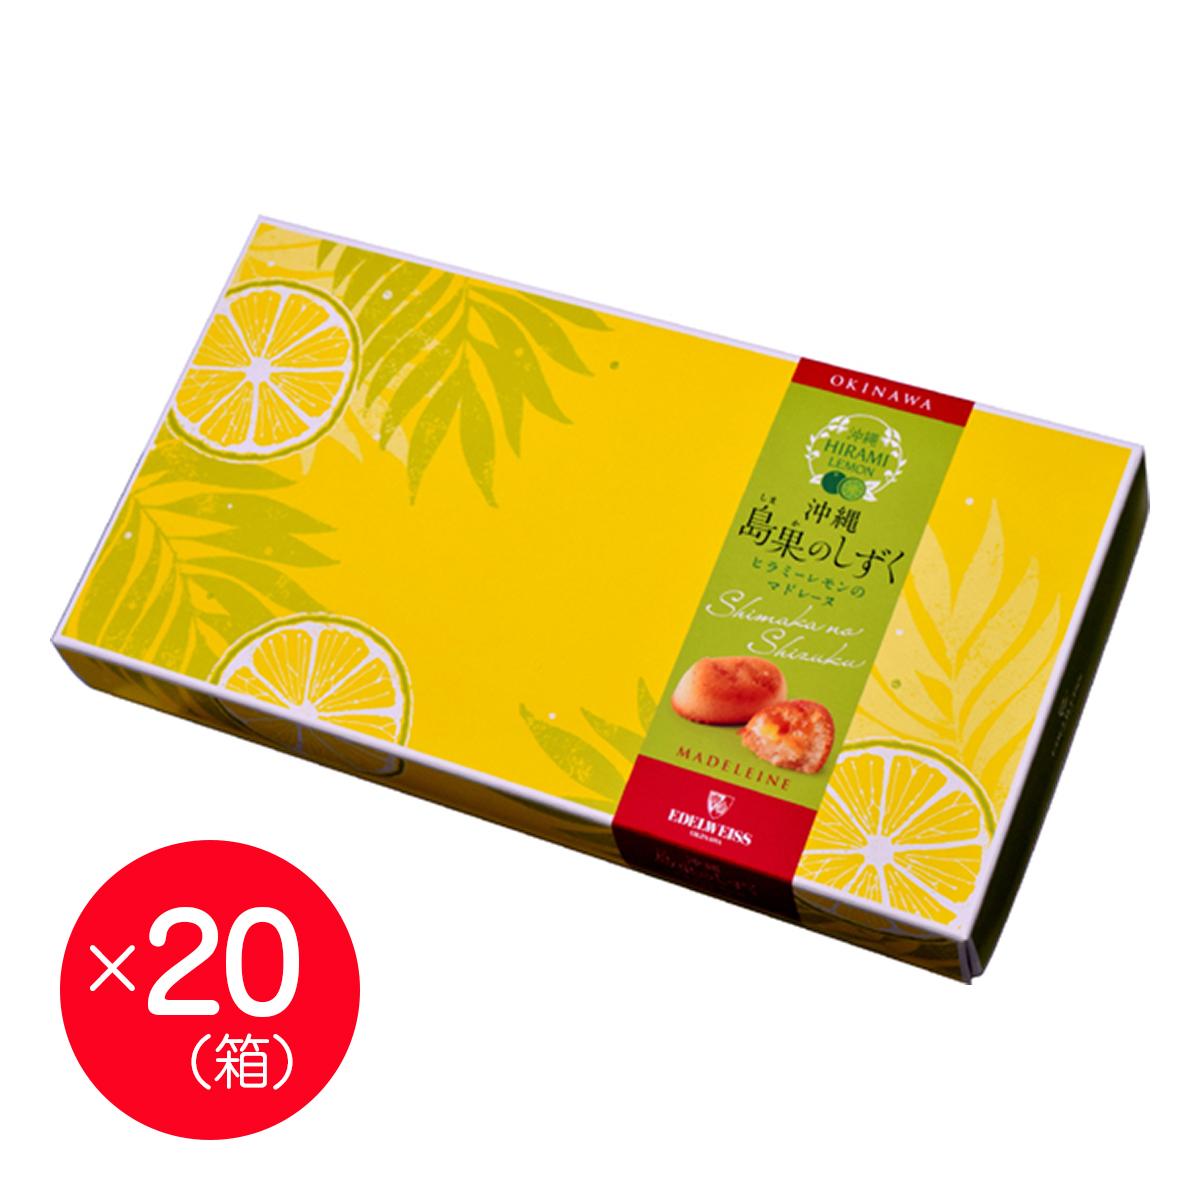 【エーデルワイス沖縄】『島果のしずく ヒラミーレモンのマドレーヌ20個入×20箱セット』【送料無料】【沖縄土産】